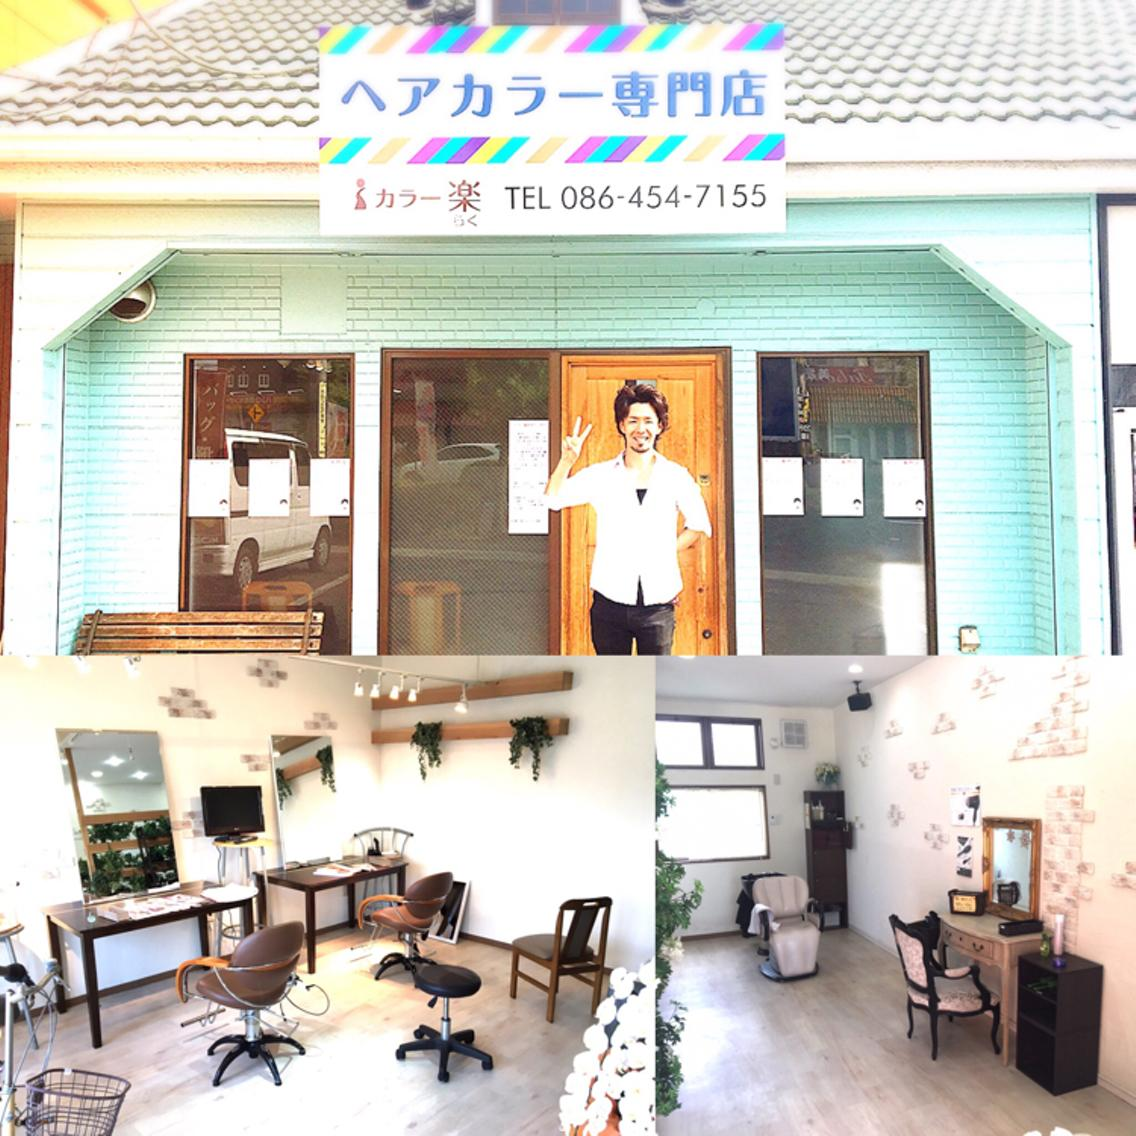 予約不要カラーが気になる時お気軽にお立ち寄りください キャンペーン1920円